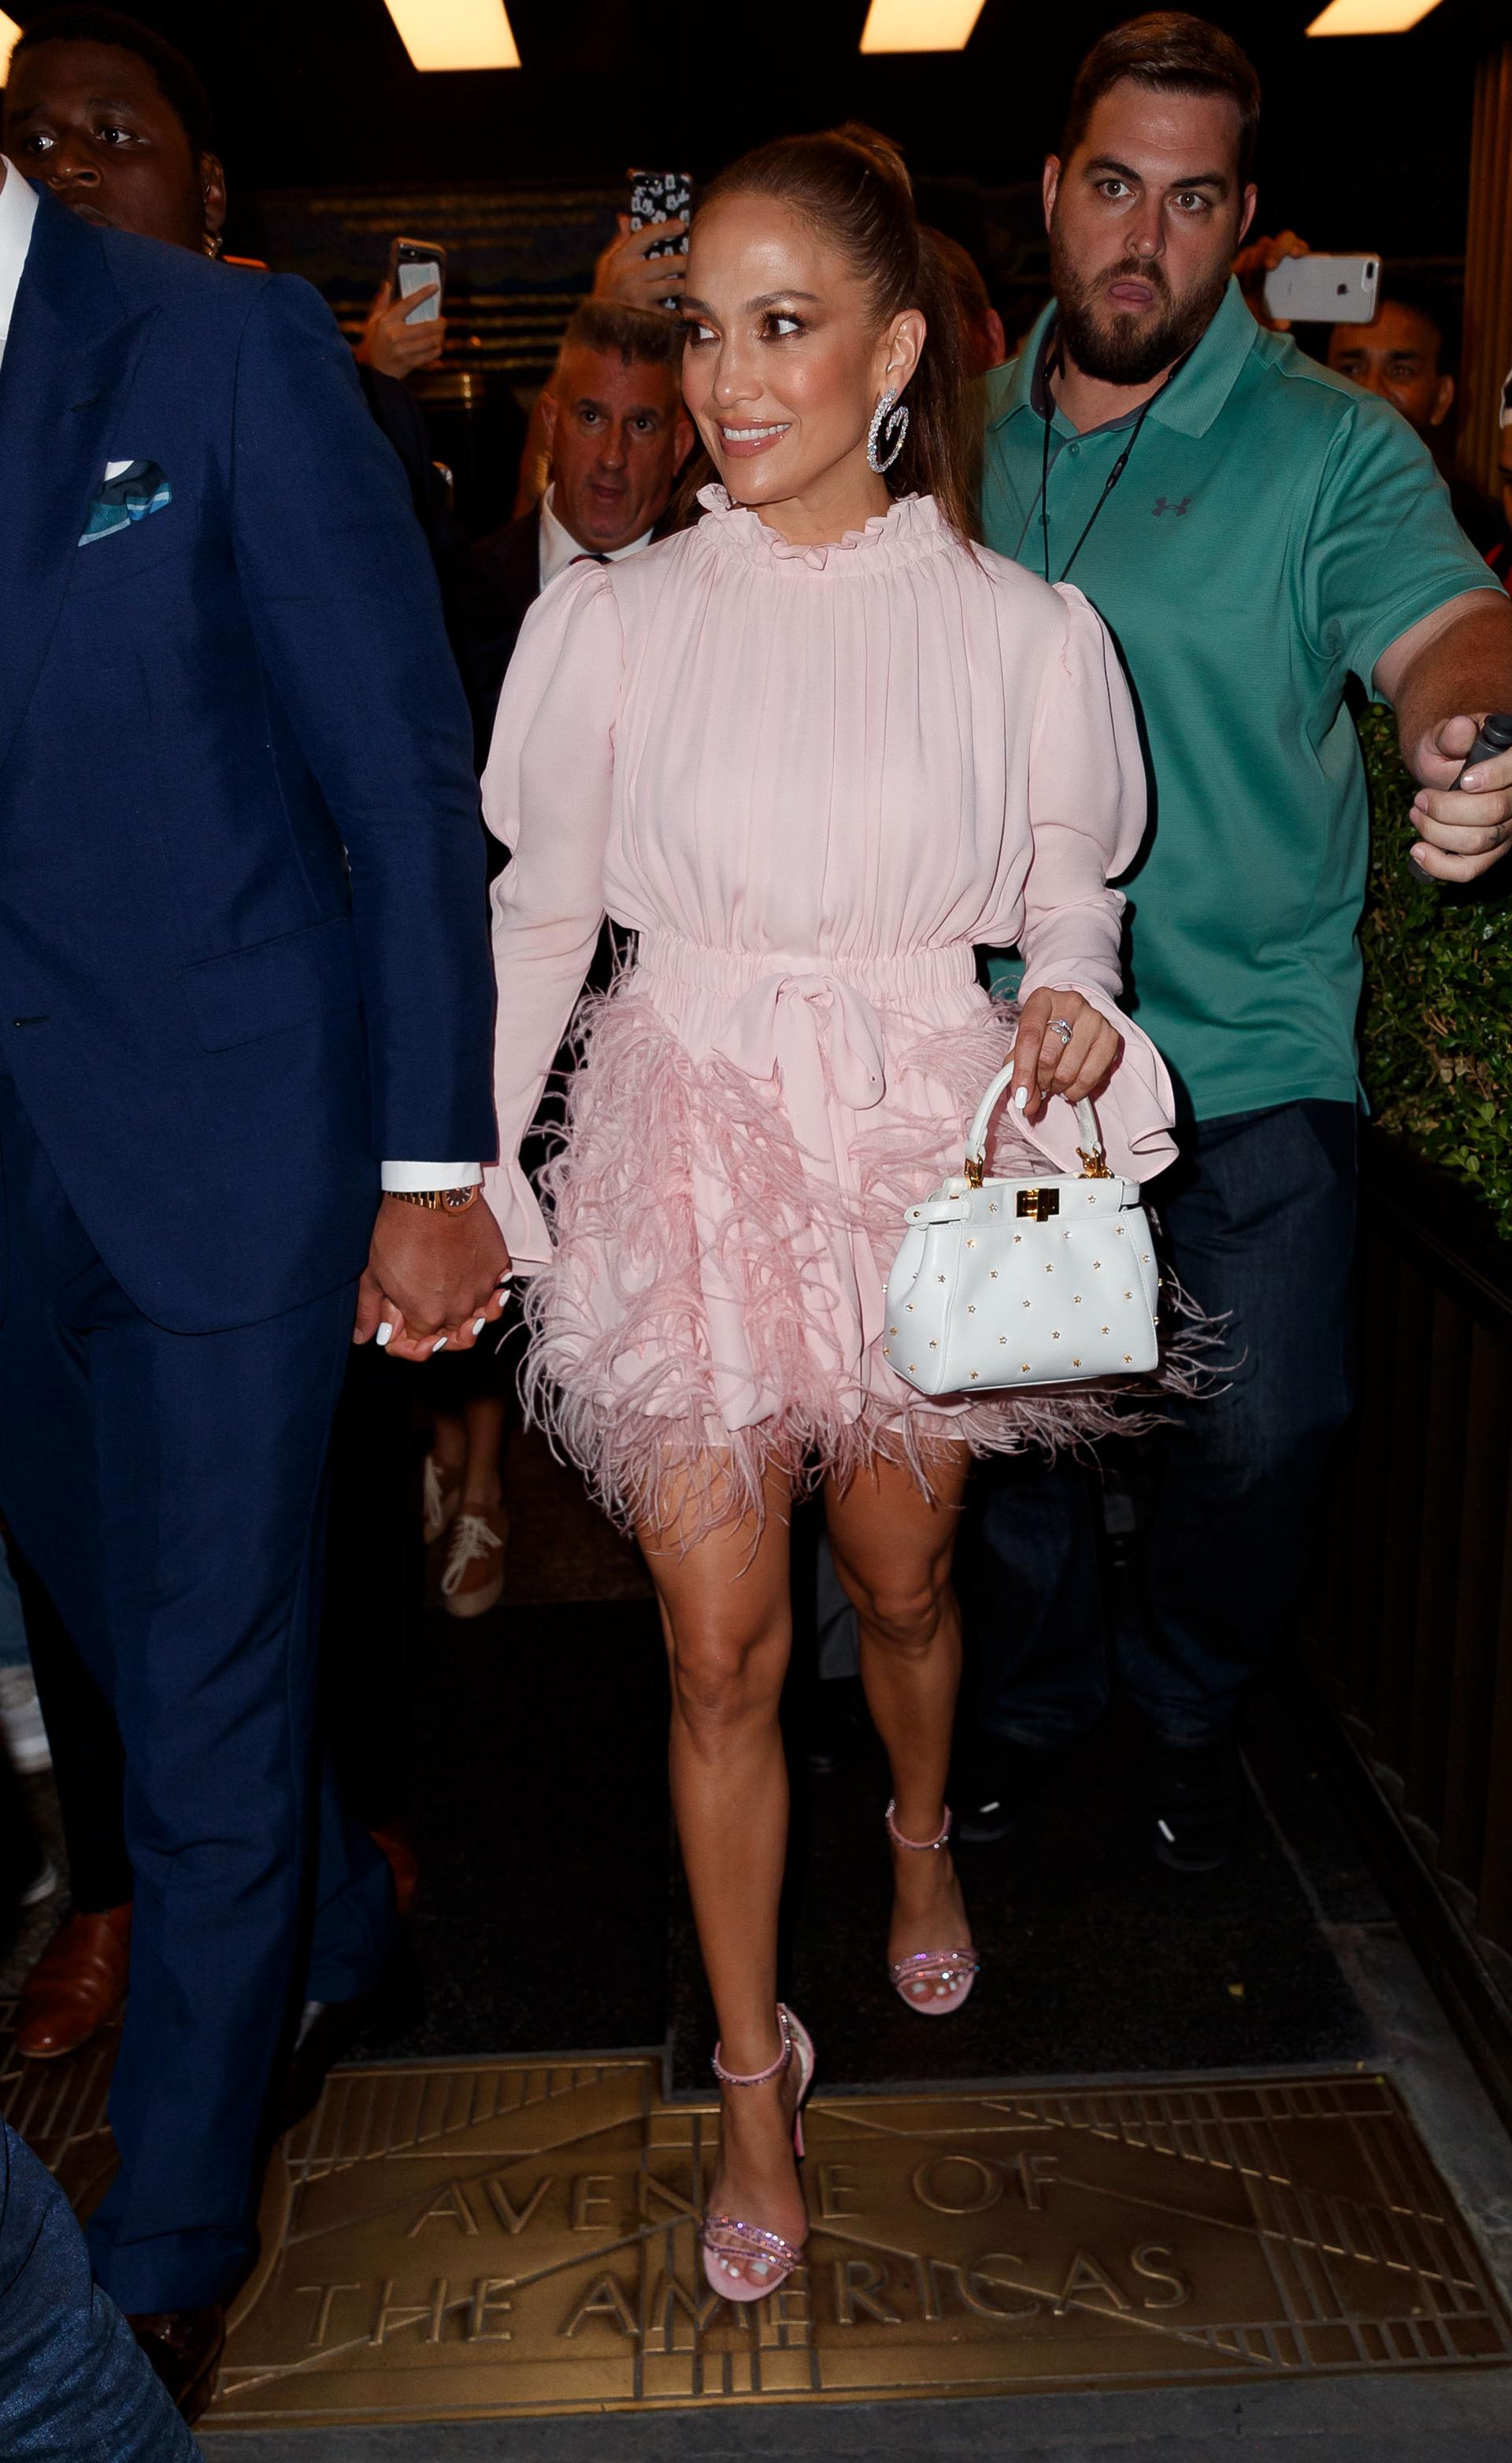 El look completo de Jennifer Lopez, con una minifalda que dejó al descubierto sus piernas